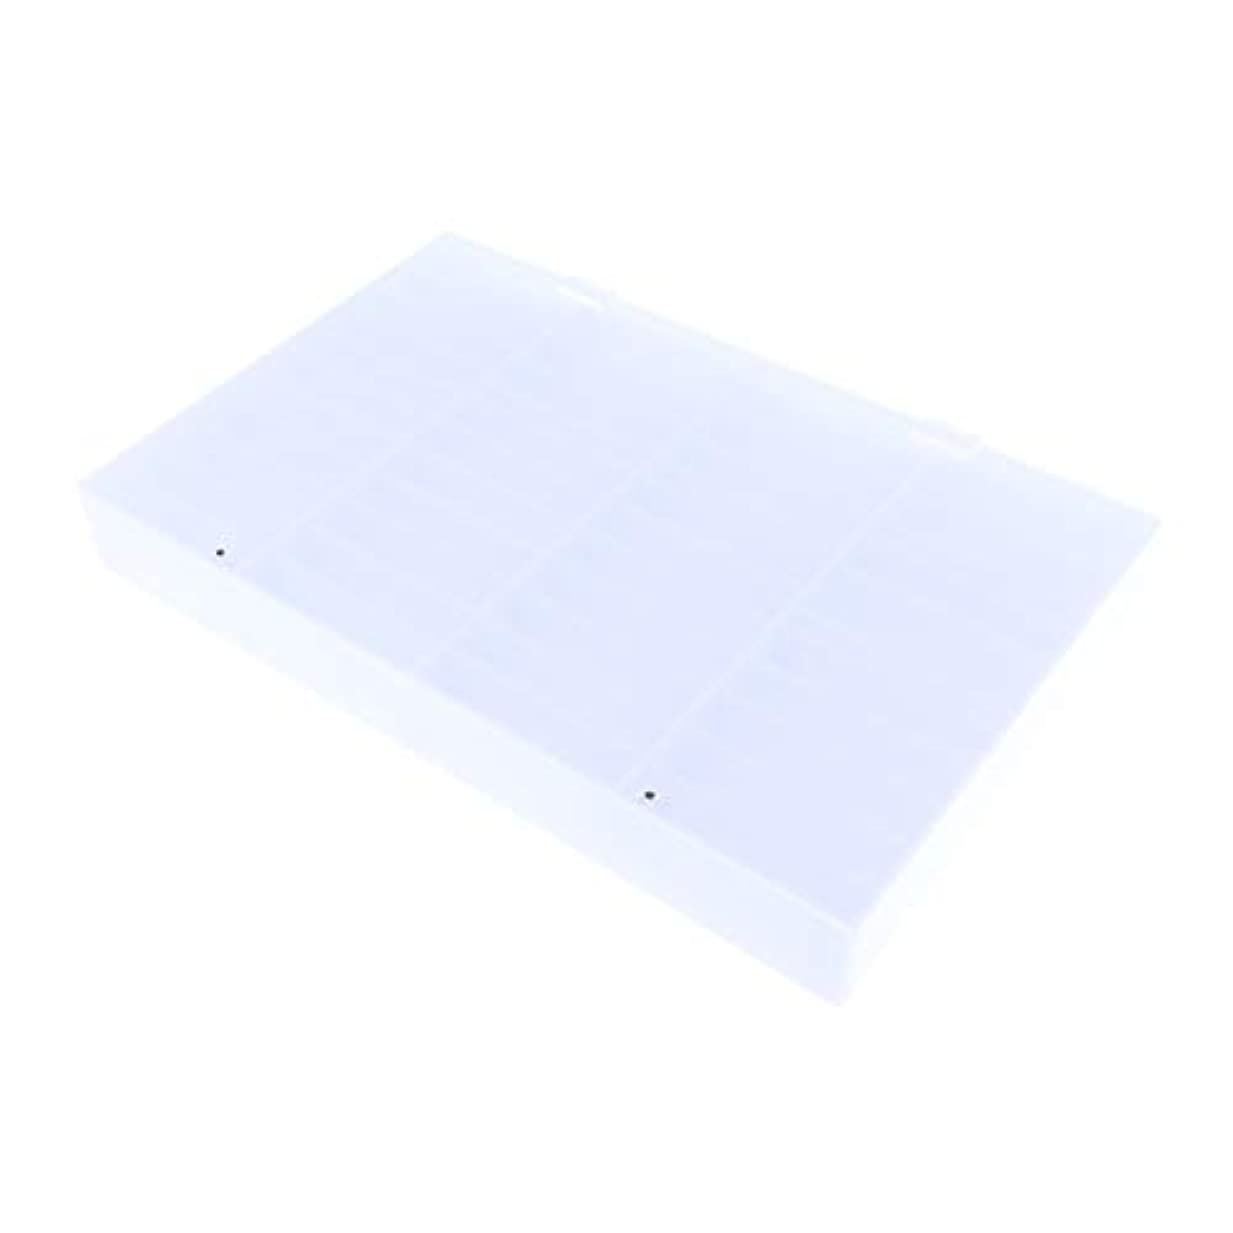 流用する多年生不規則性CUTICATE 収納ボックス ネイルチップ 収納容器 44仕切り ネイルアート ディスプレイケース 耐久性 実用性